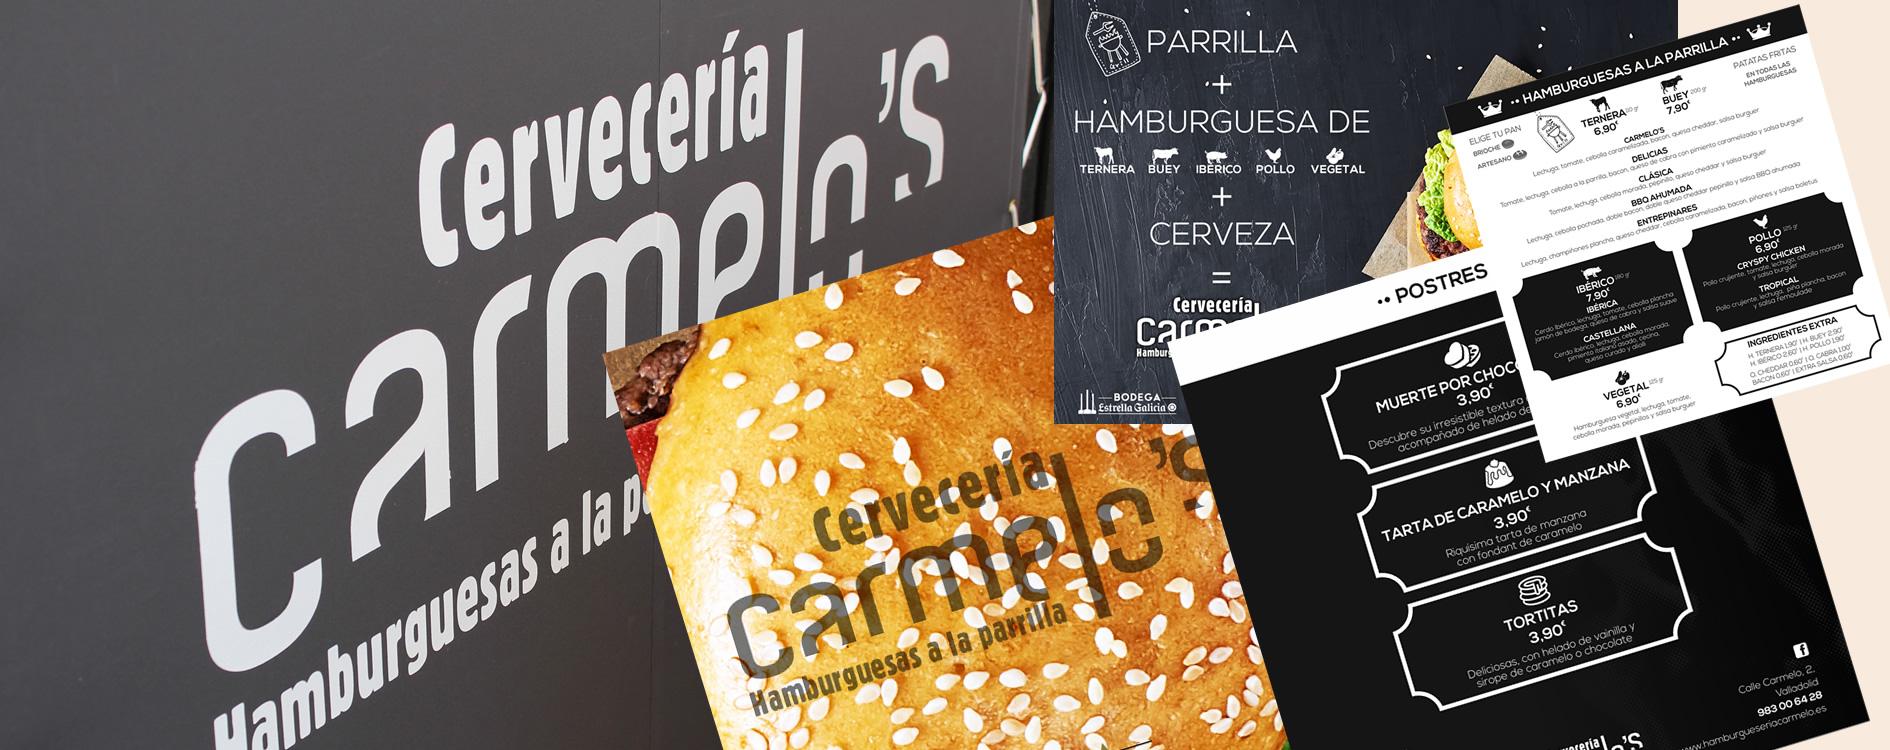 Cervecería Carmelo's con la agencia OH Visual